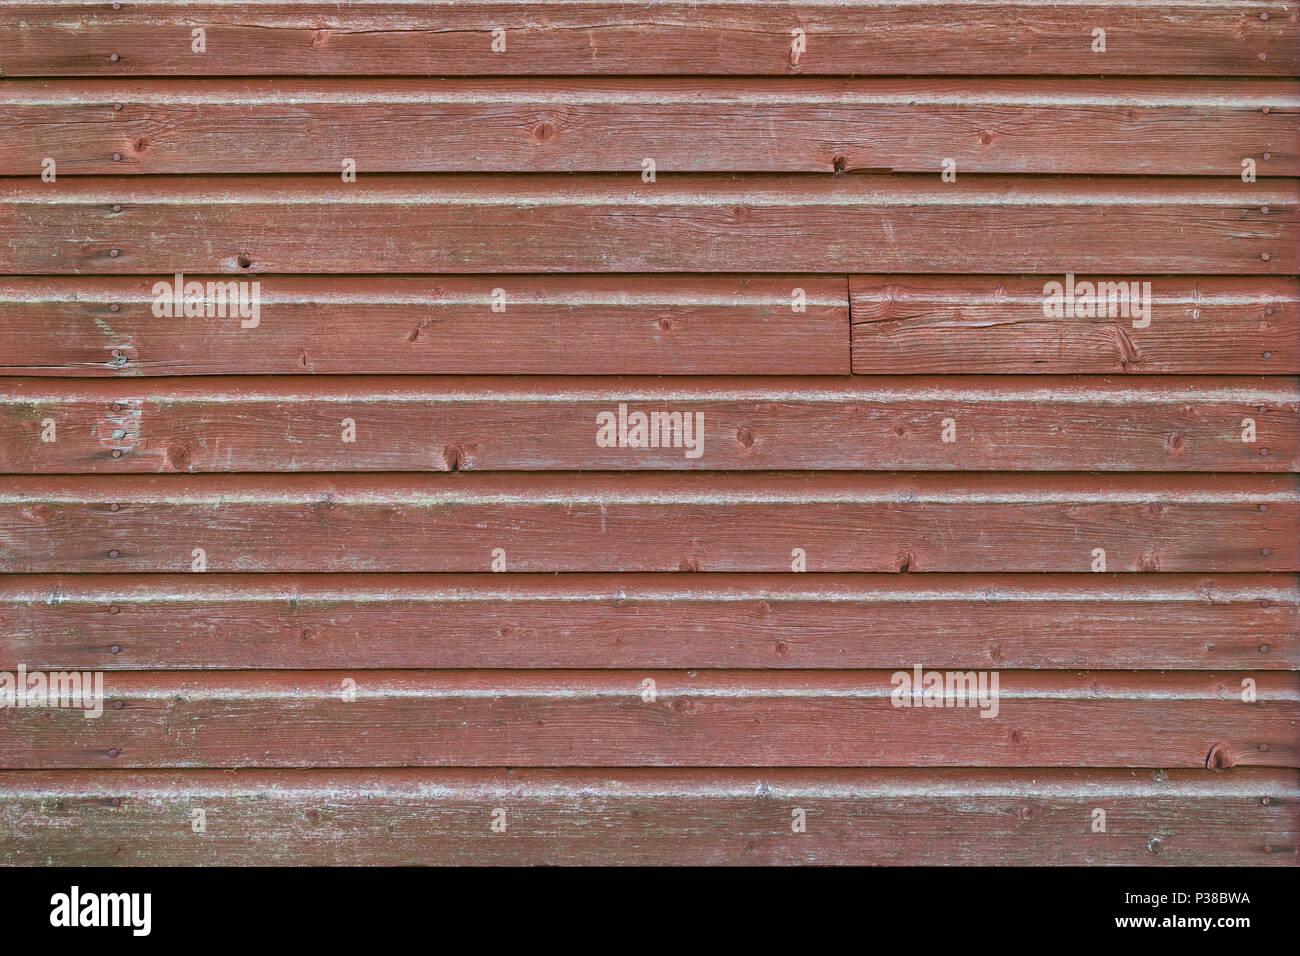 Fond plein cadre d'un vieux mur de bois et a disparu à bord peint en rouge Photo Stock